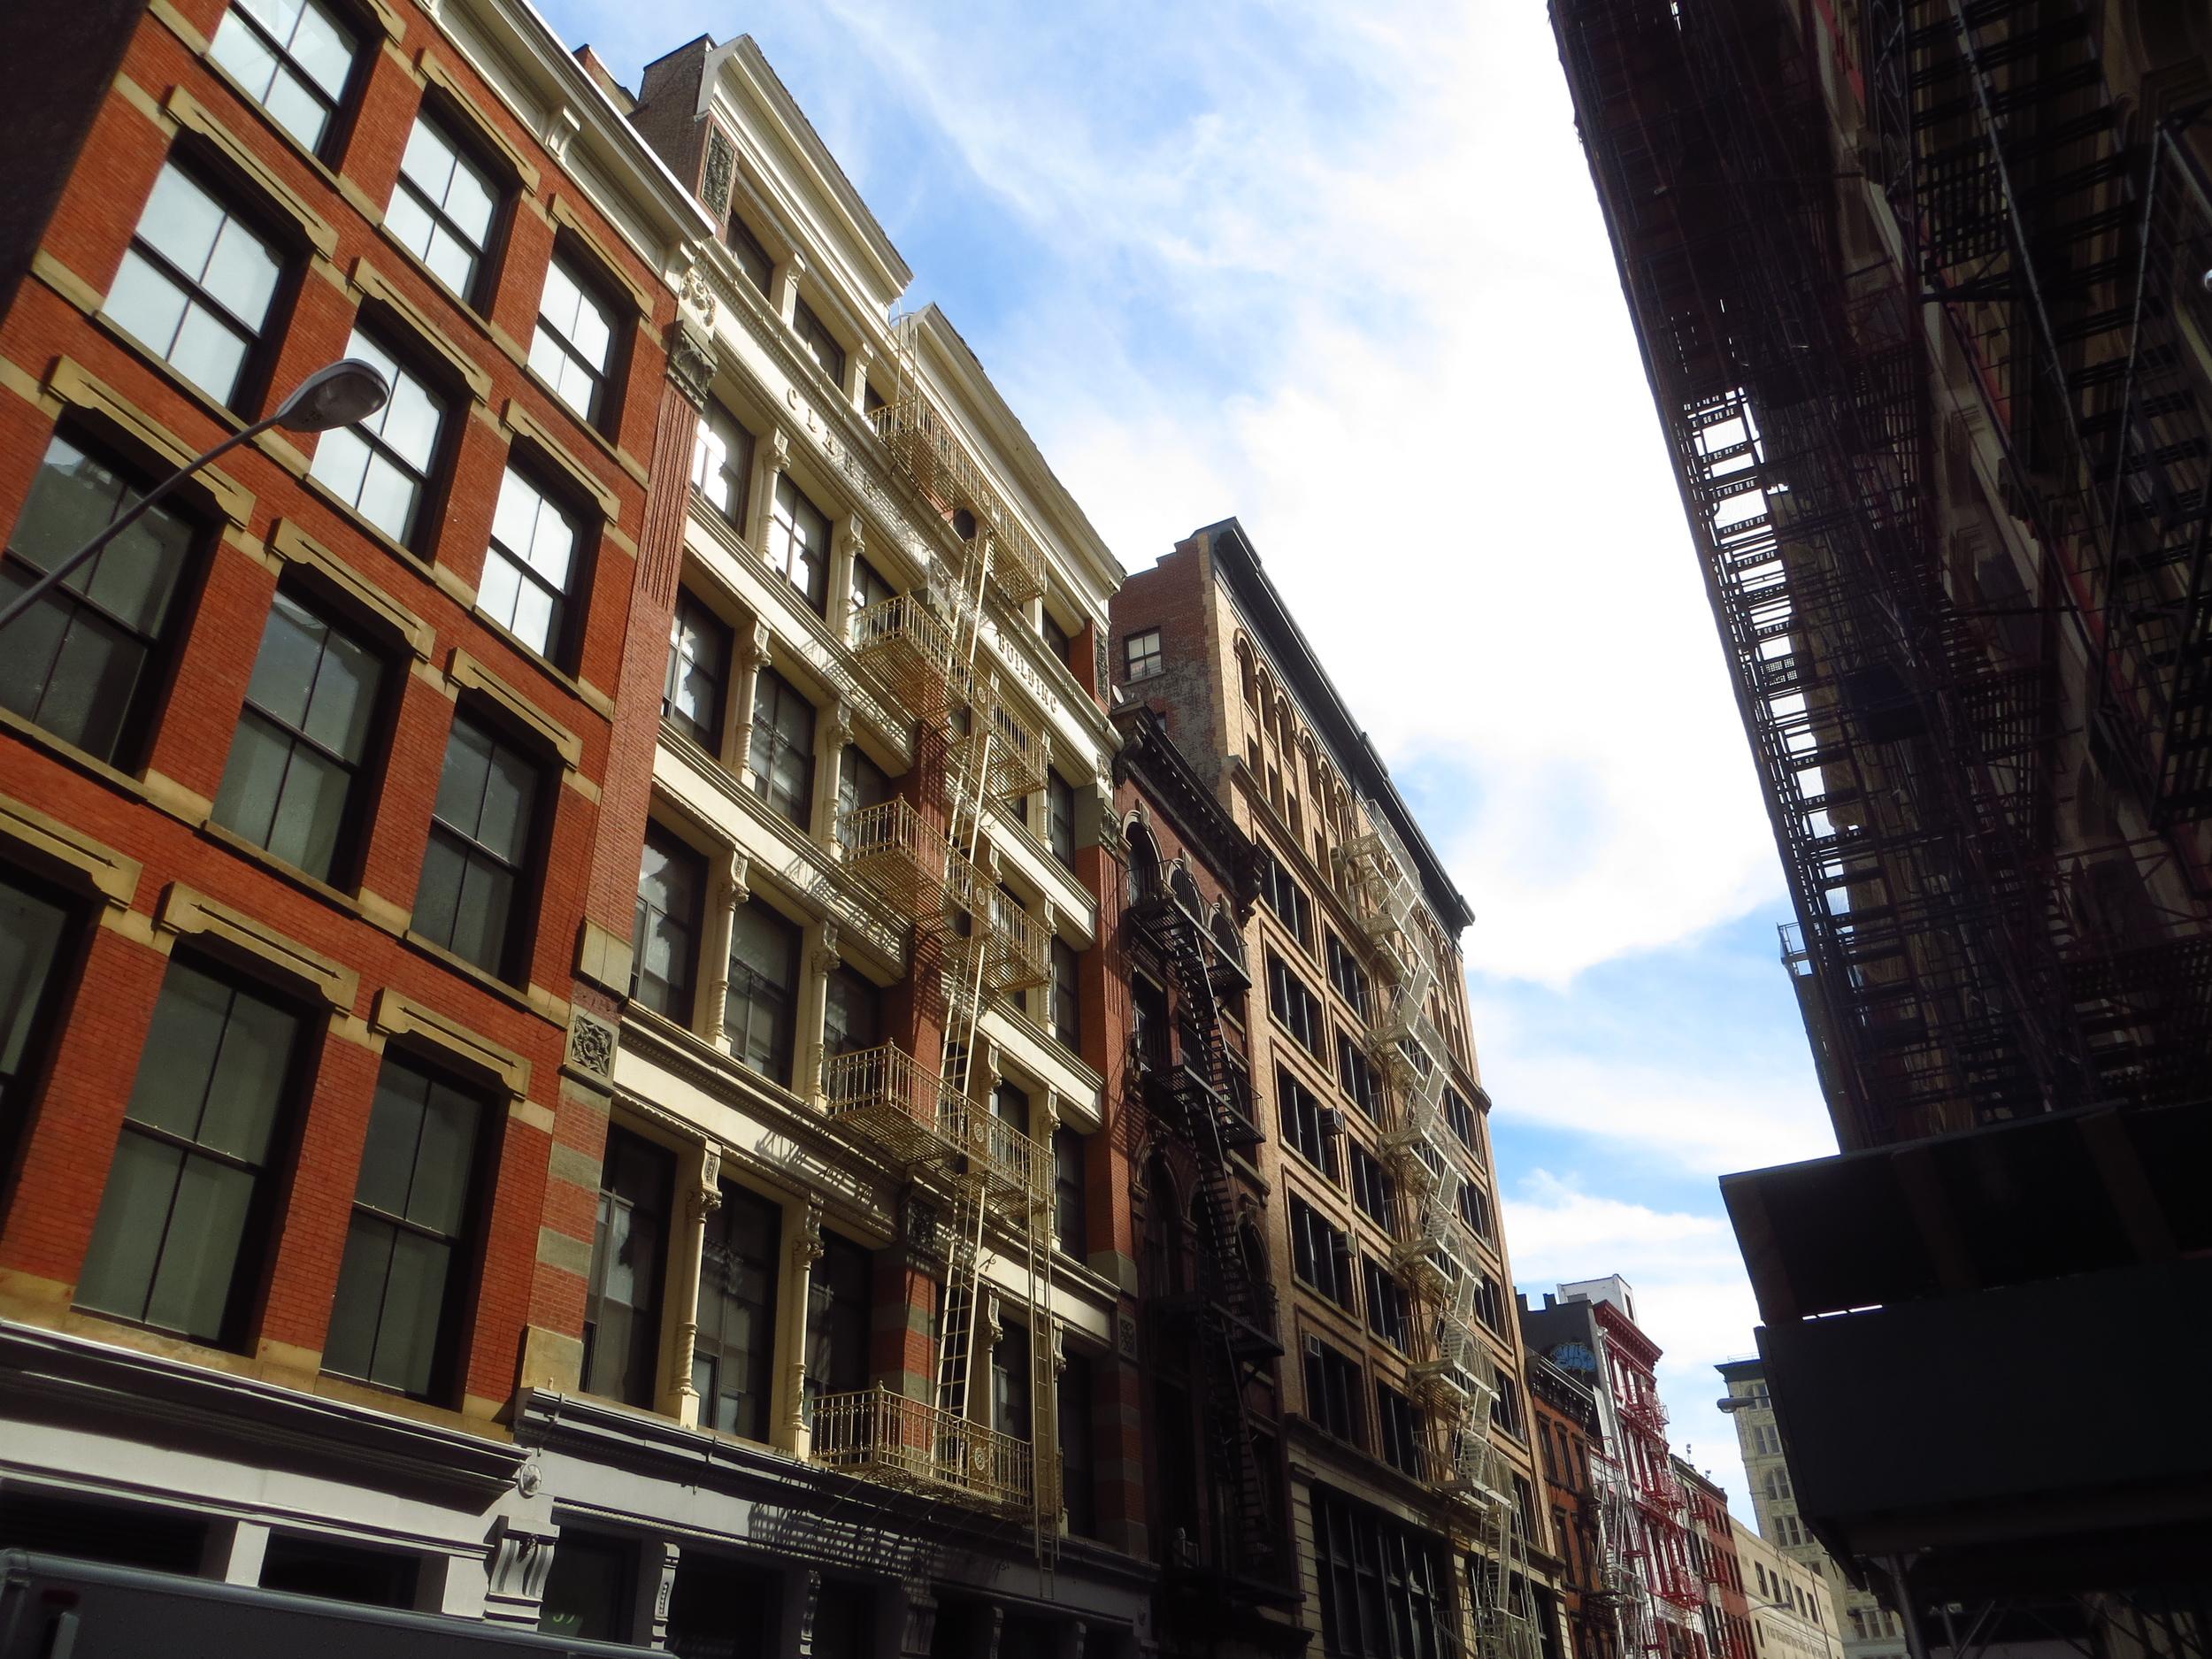 More Lispenard buildings